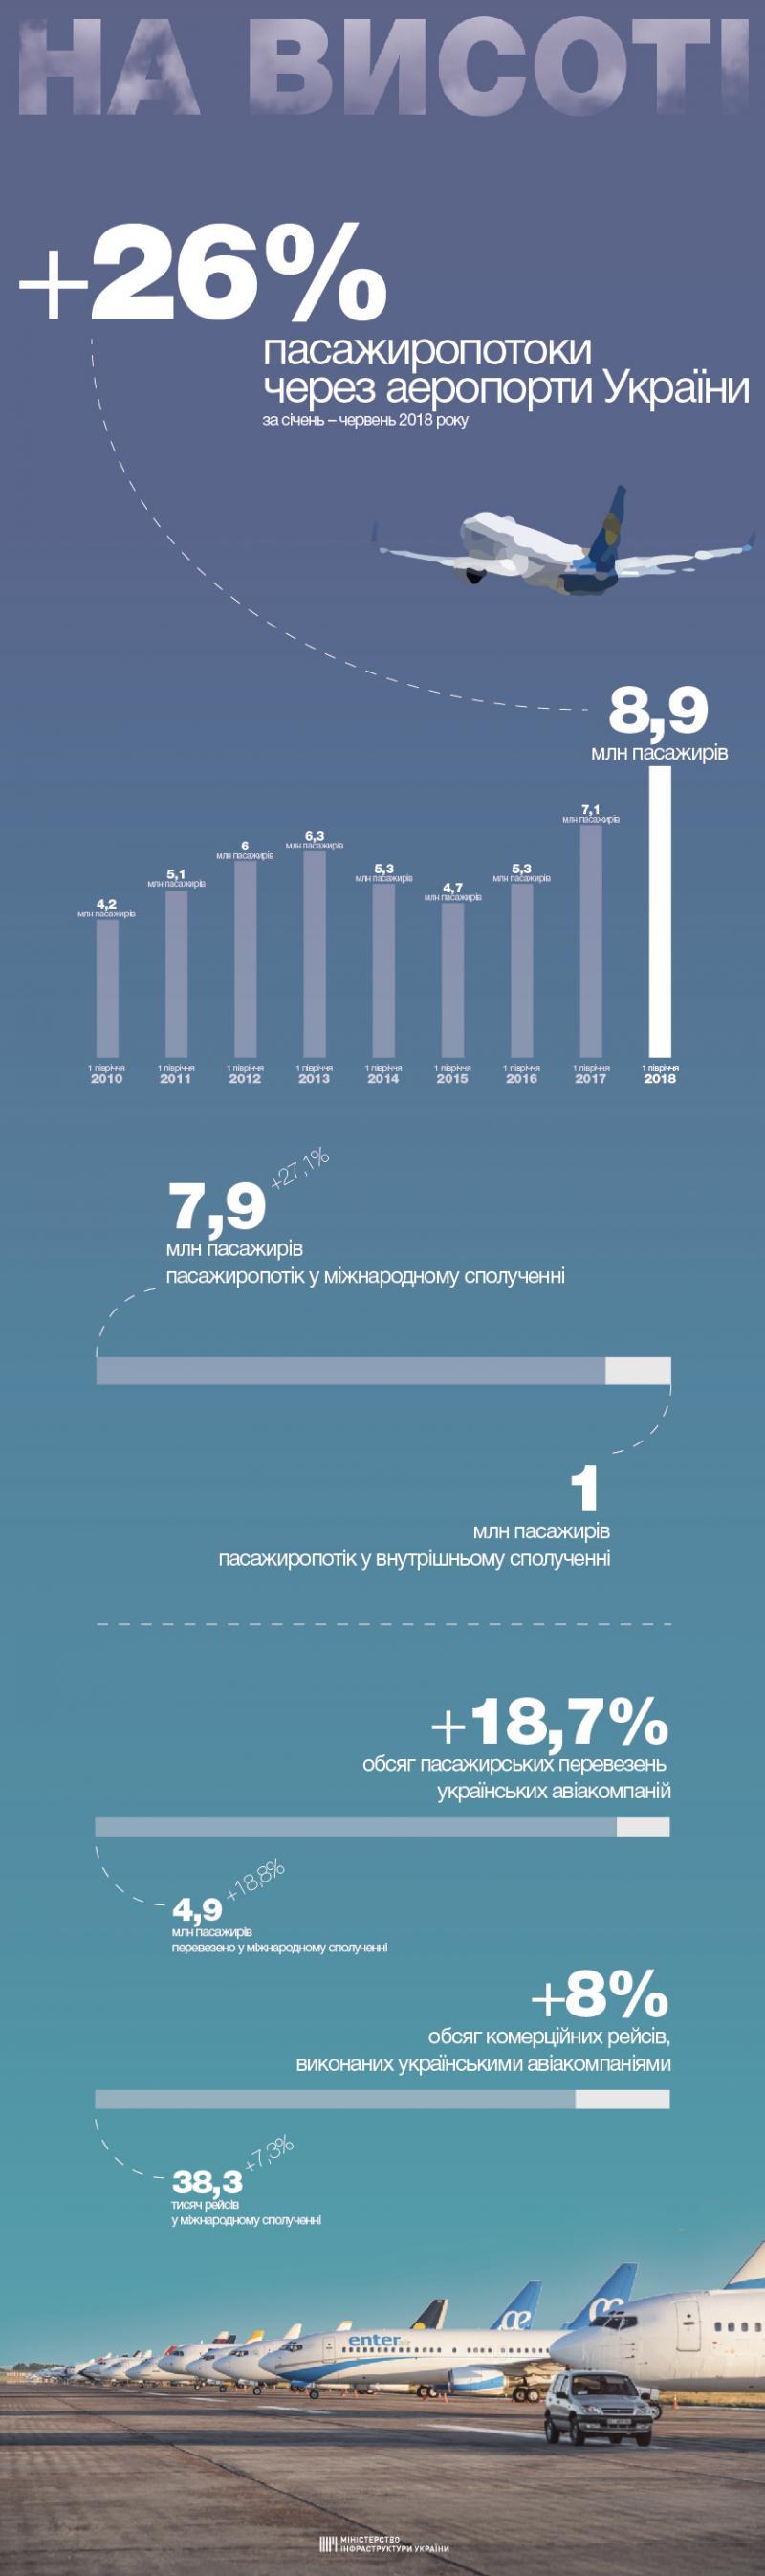 Пасажиропотоки через аеропорти України збільшились на 26,0%